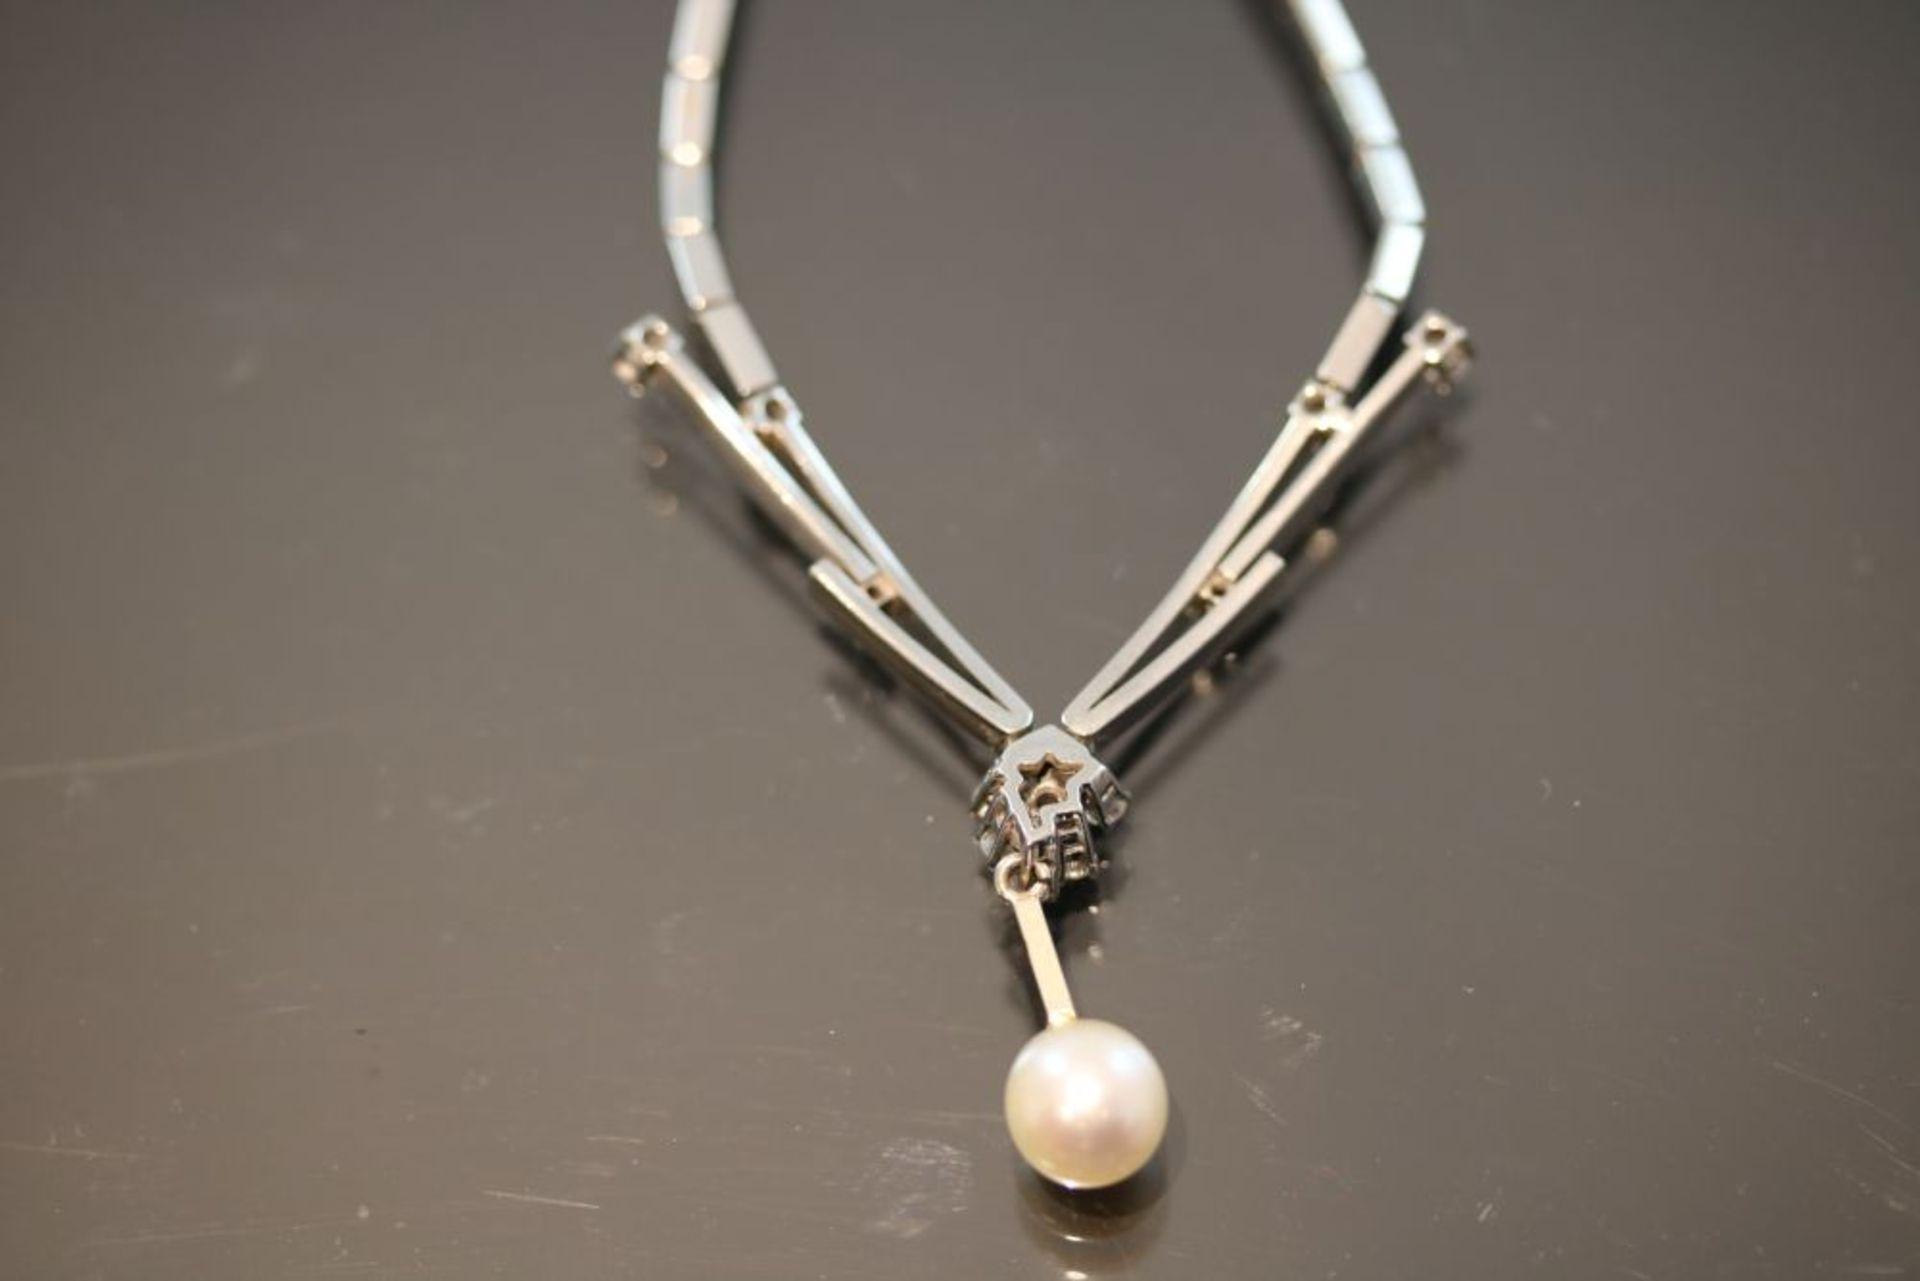 Brillant-Perl-Collier, 585 Weißgold - Bild 2 aus 3